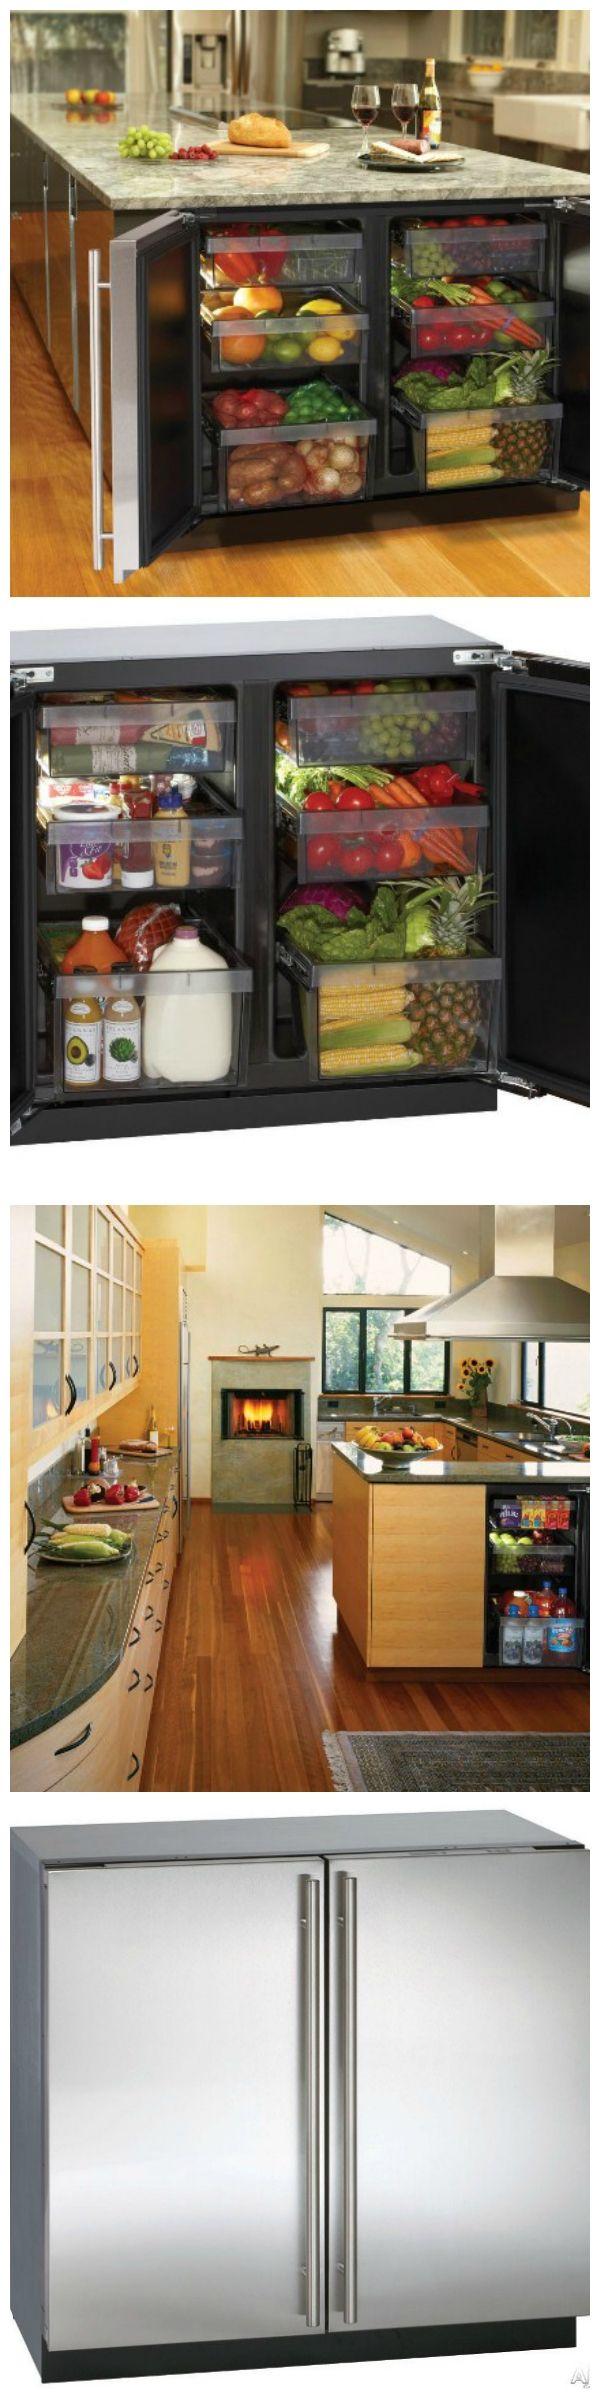 Undercounter Refrigerator Undercounter Refrigerator Kitchen Design